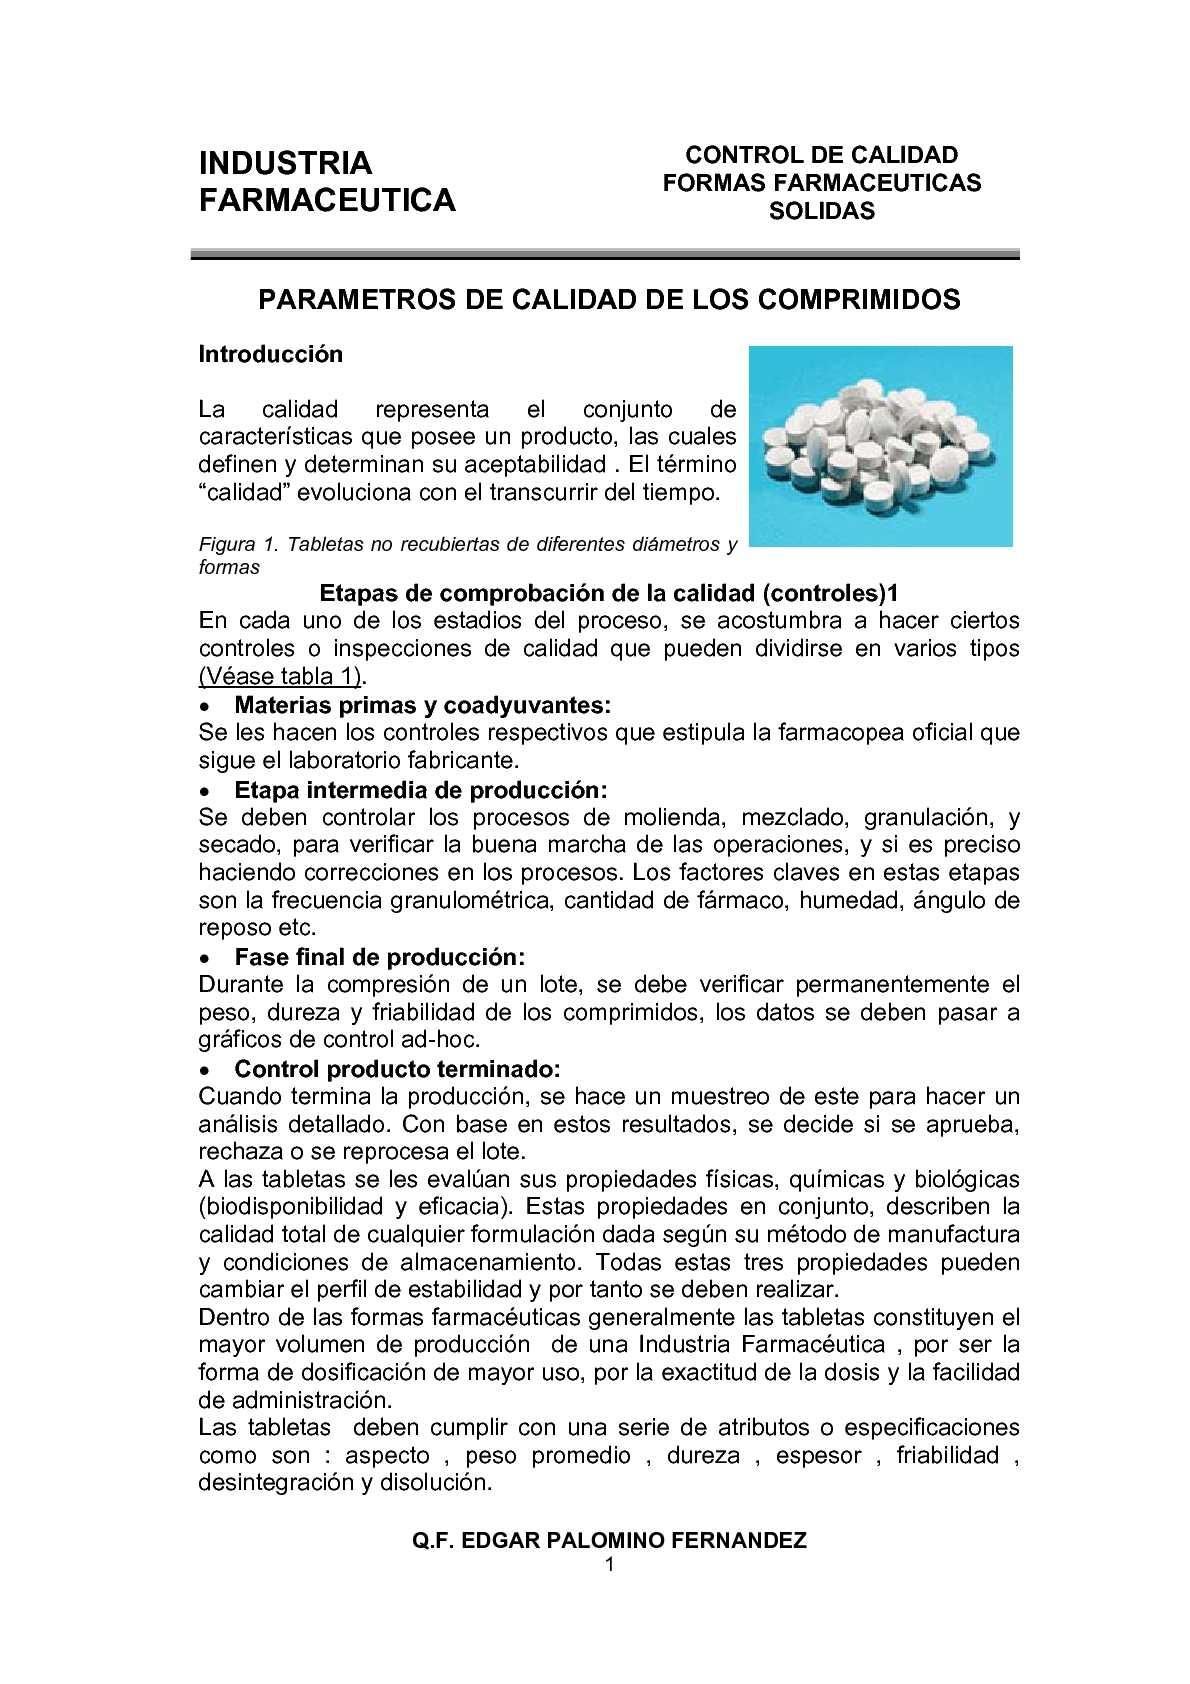 Clase 06 - Control de Calidad de Tabletas